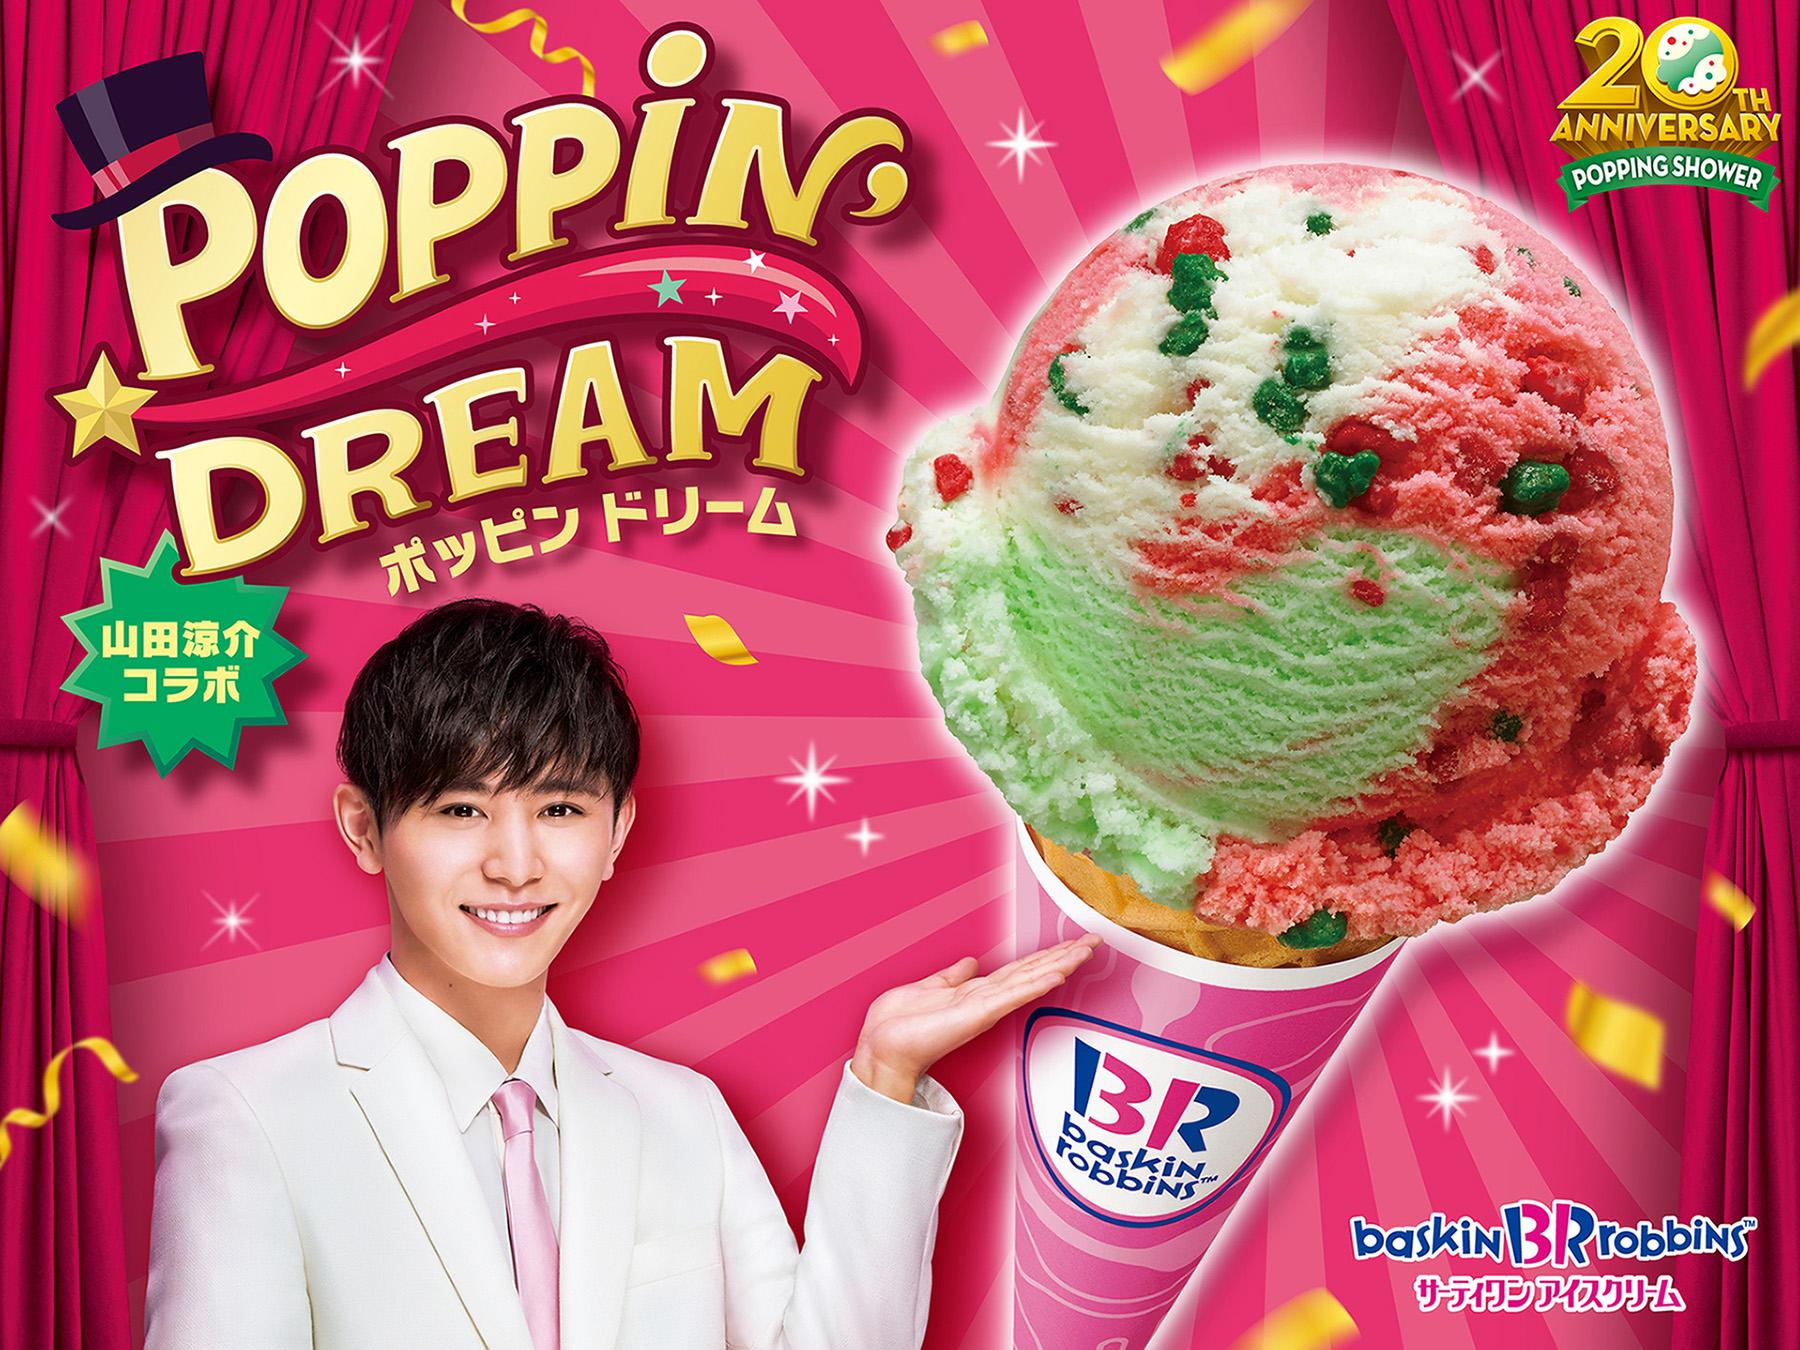 おうちで山田涼介とポッピン ドリームしたい!嗚呼、サーティワン アイスクリーム食べたい!